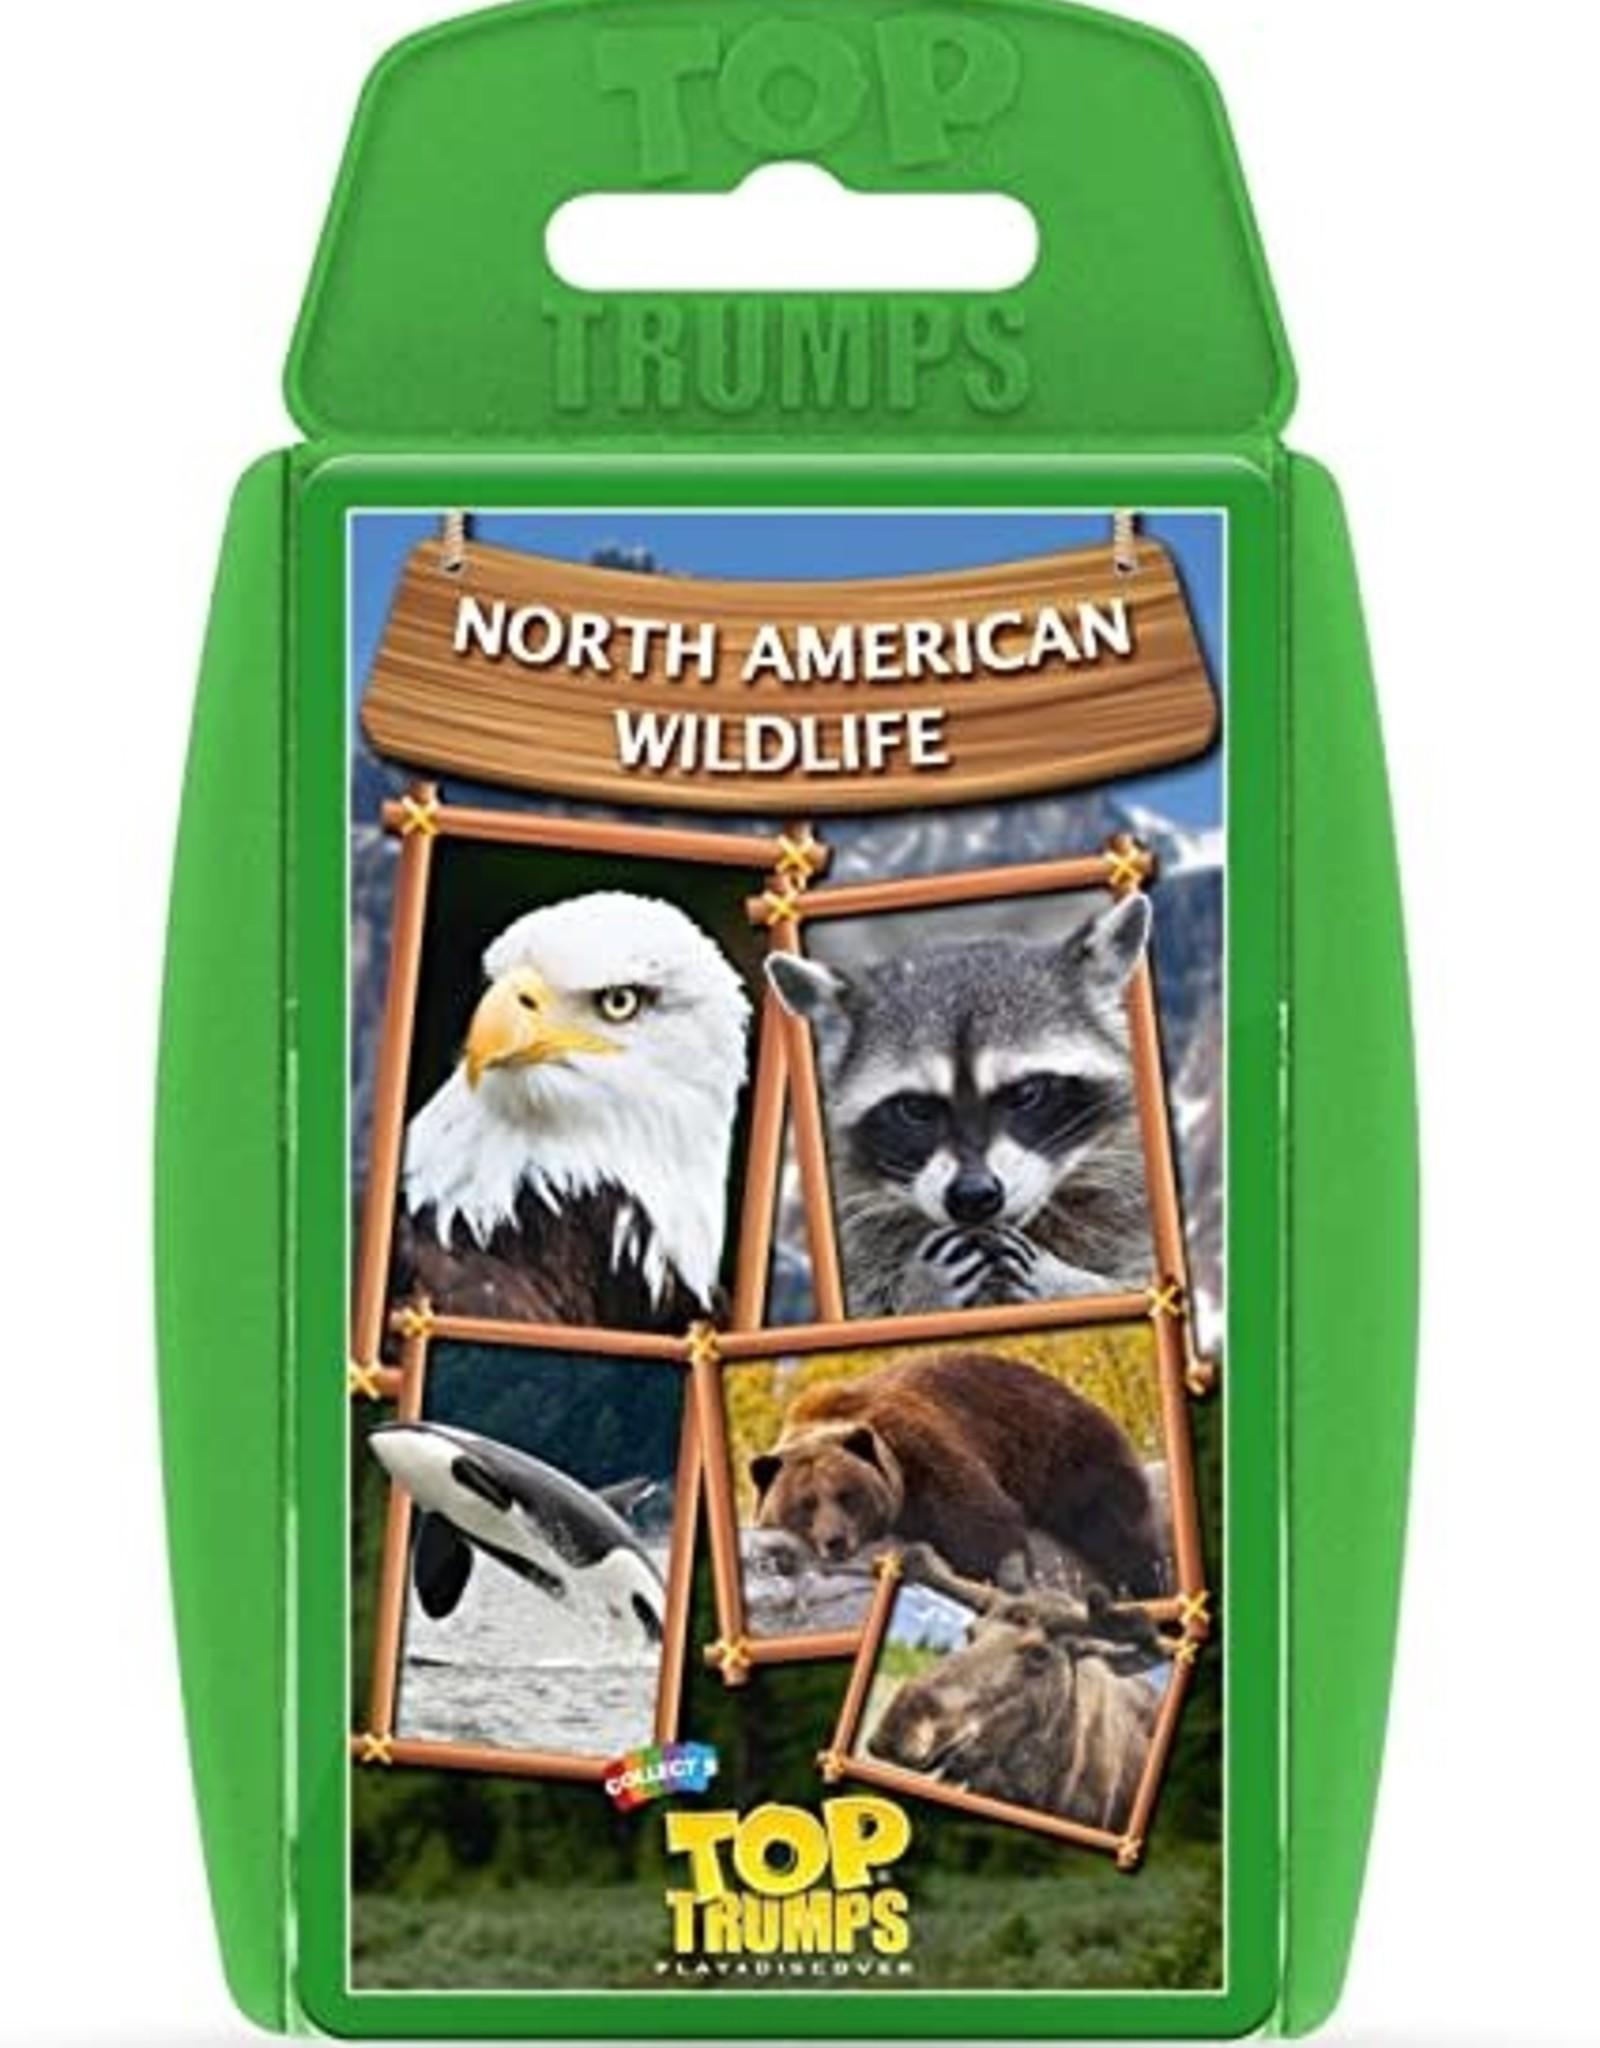 Top Trumps Top Trumps: North American Wildlife